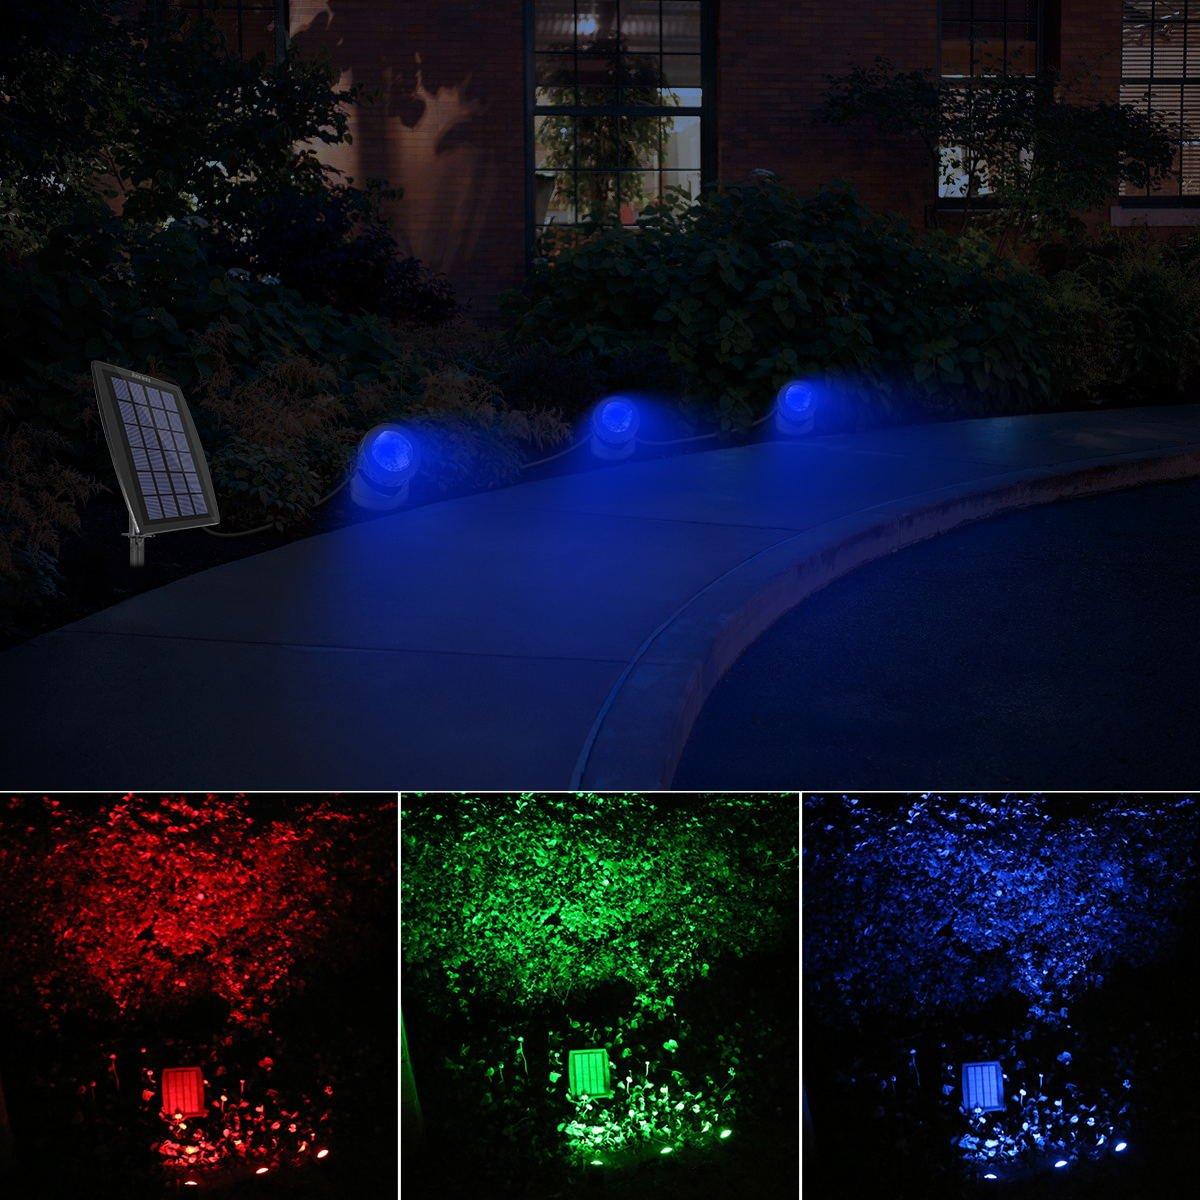 Ankway Luce Solare da Esterno Faretti bianco Lampada Solare sottacqua Faretti per esterni Impermeabile IP68 Luci Subacquee Solare per Giardino Vialetto Percorso e Cortile Auto On//Off-White